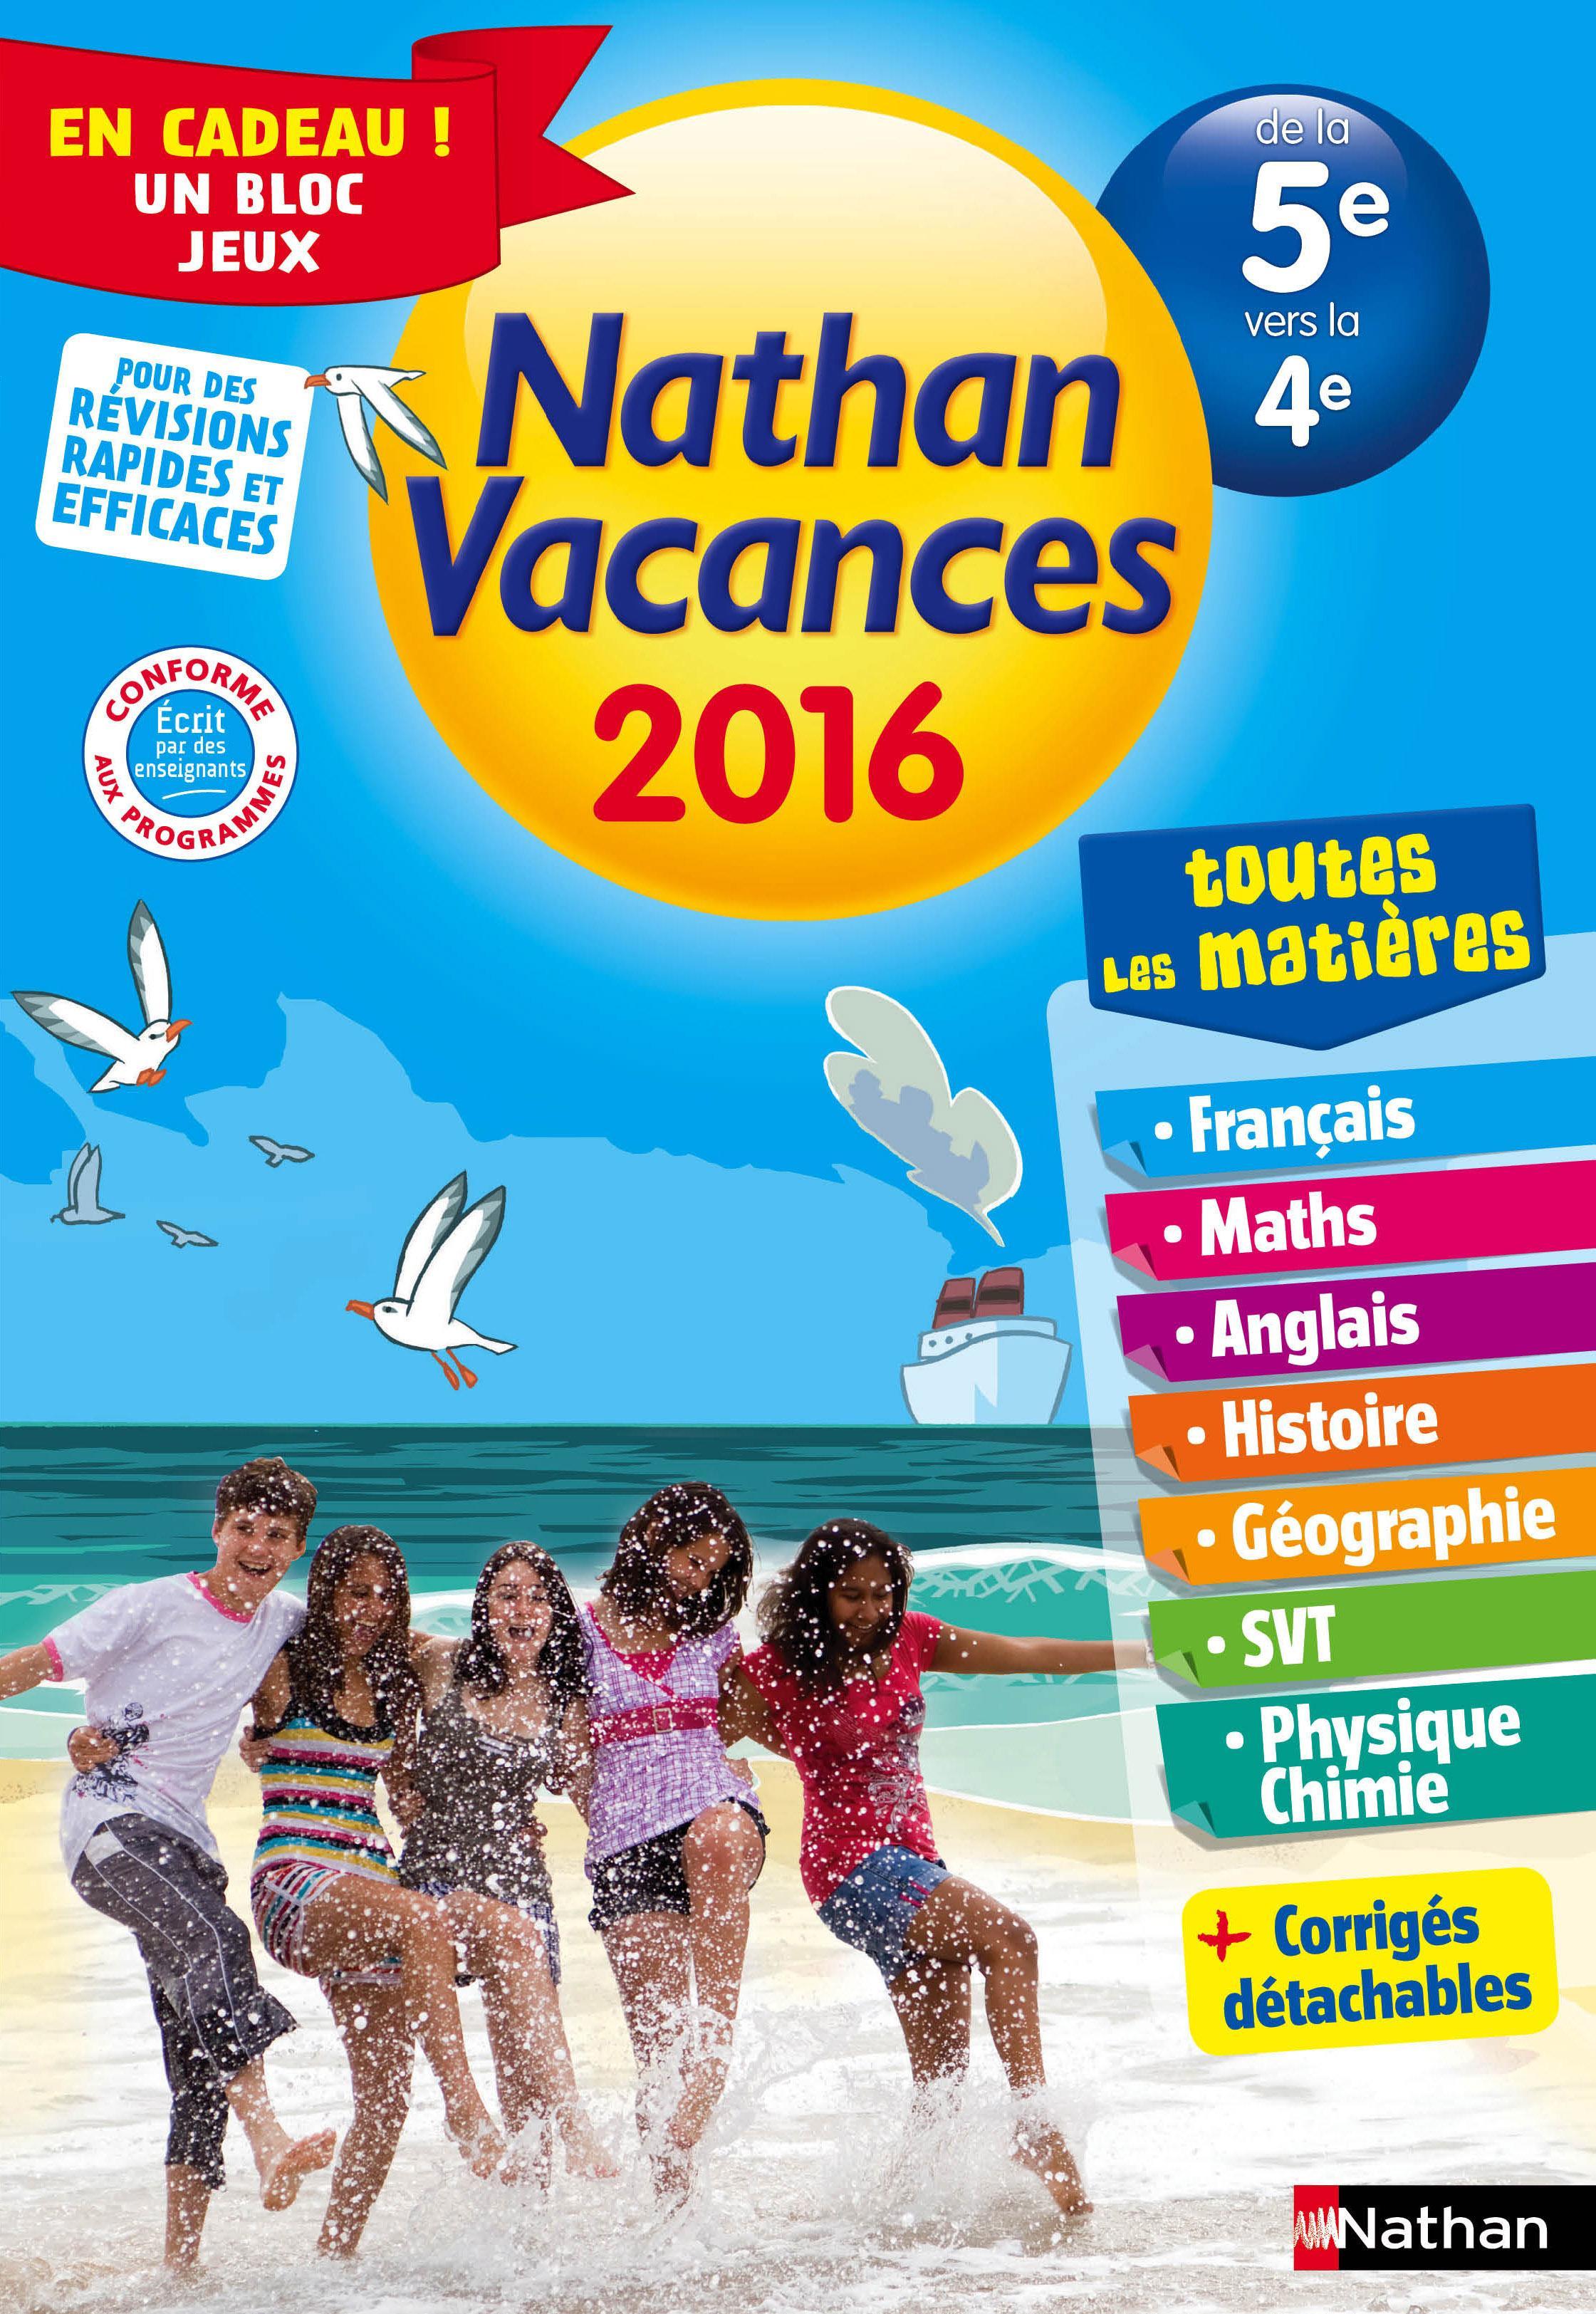 Nathan Vacances De La 5eme Vers La 4eme Toutes Les